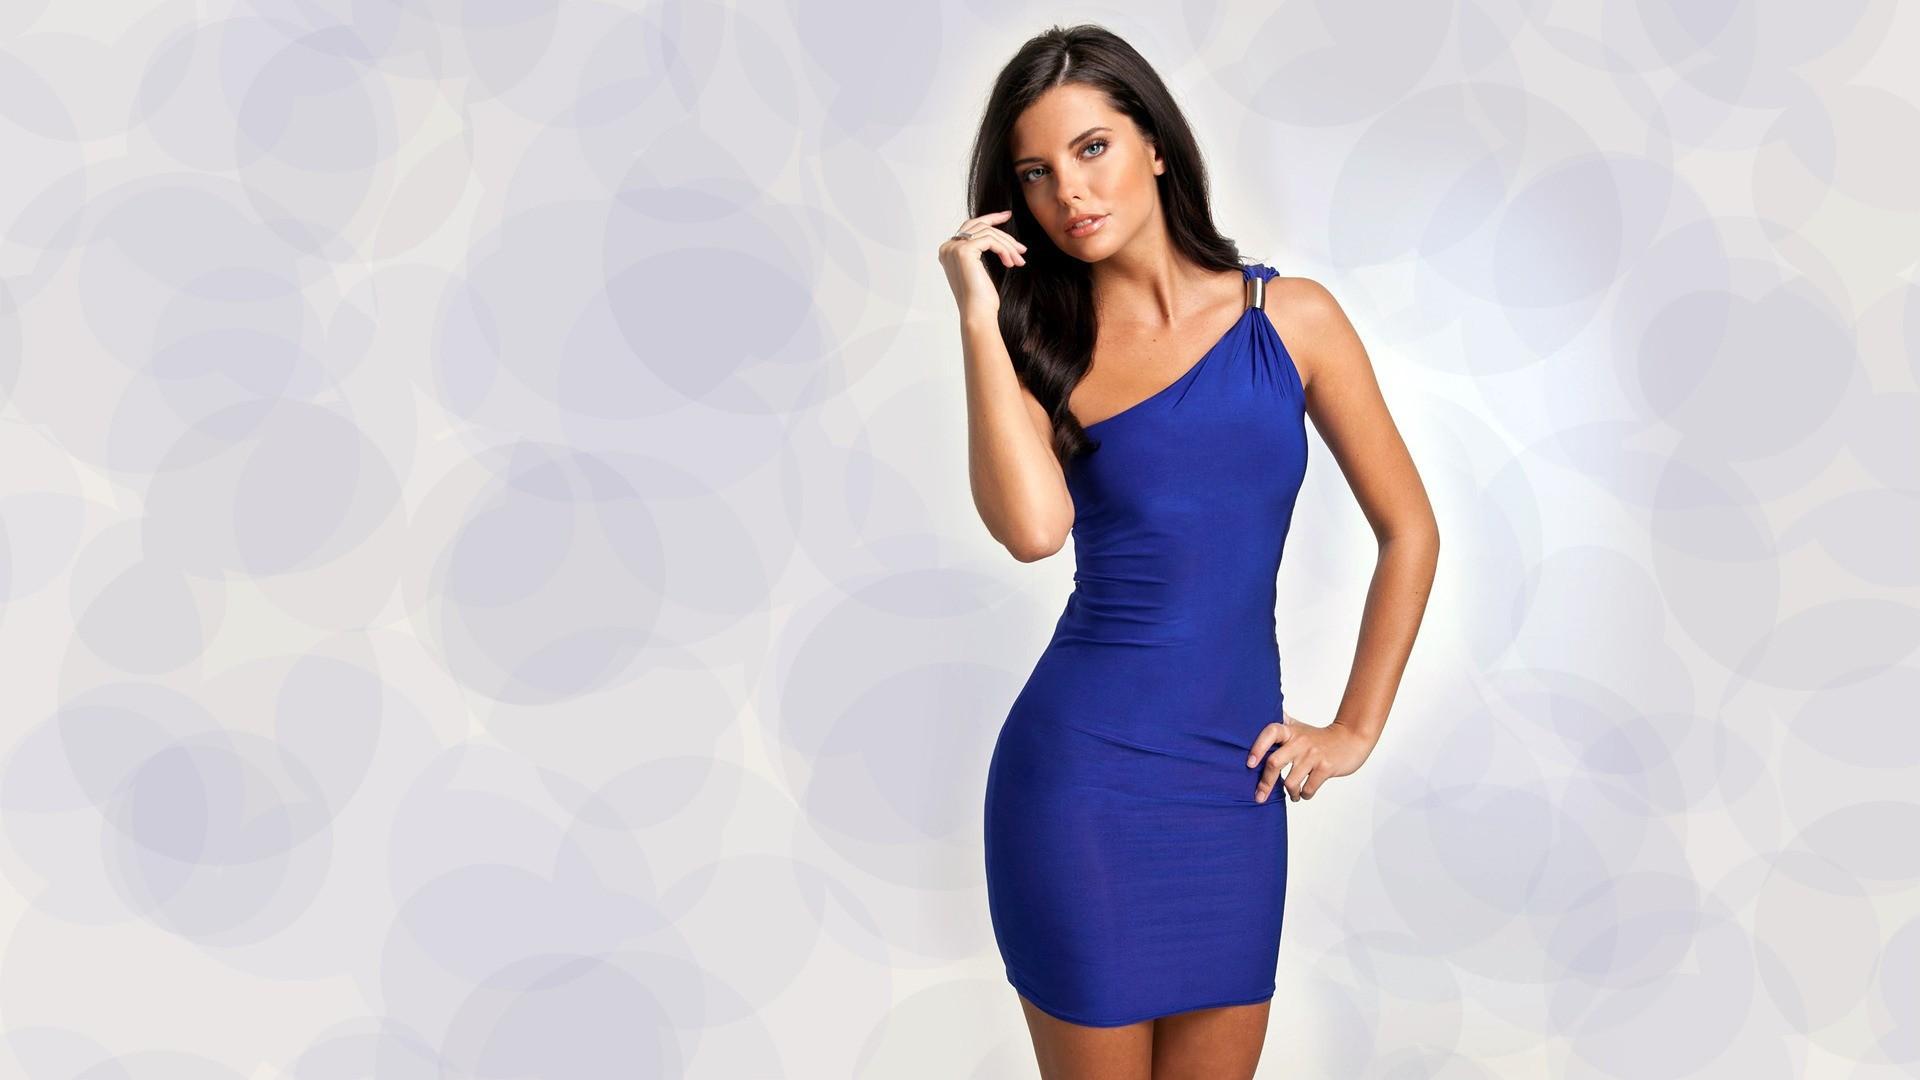 Фото девушка в синем платье